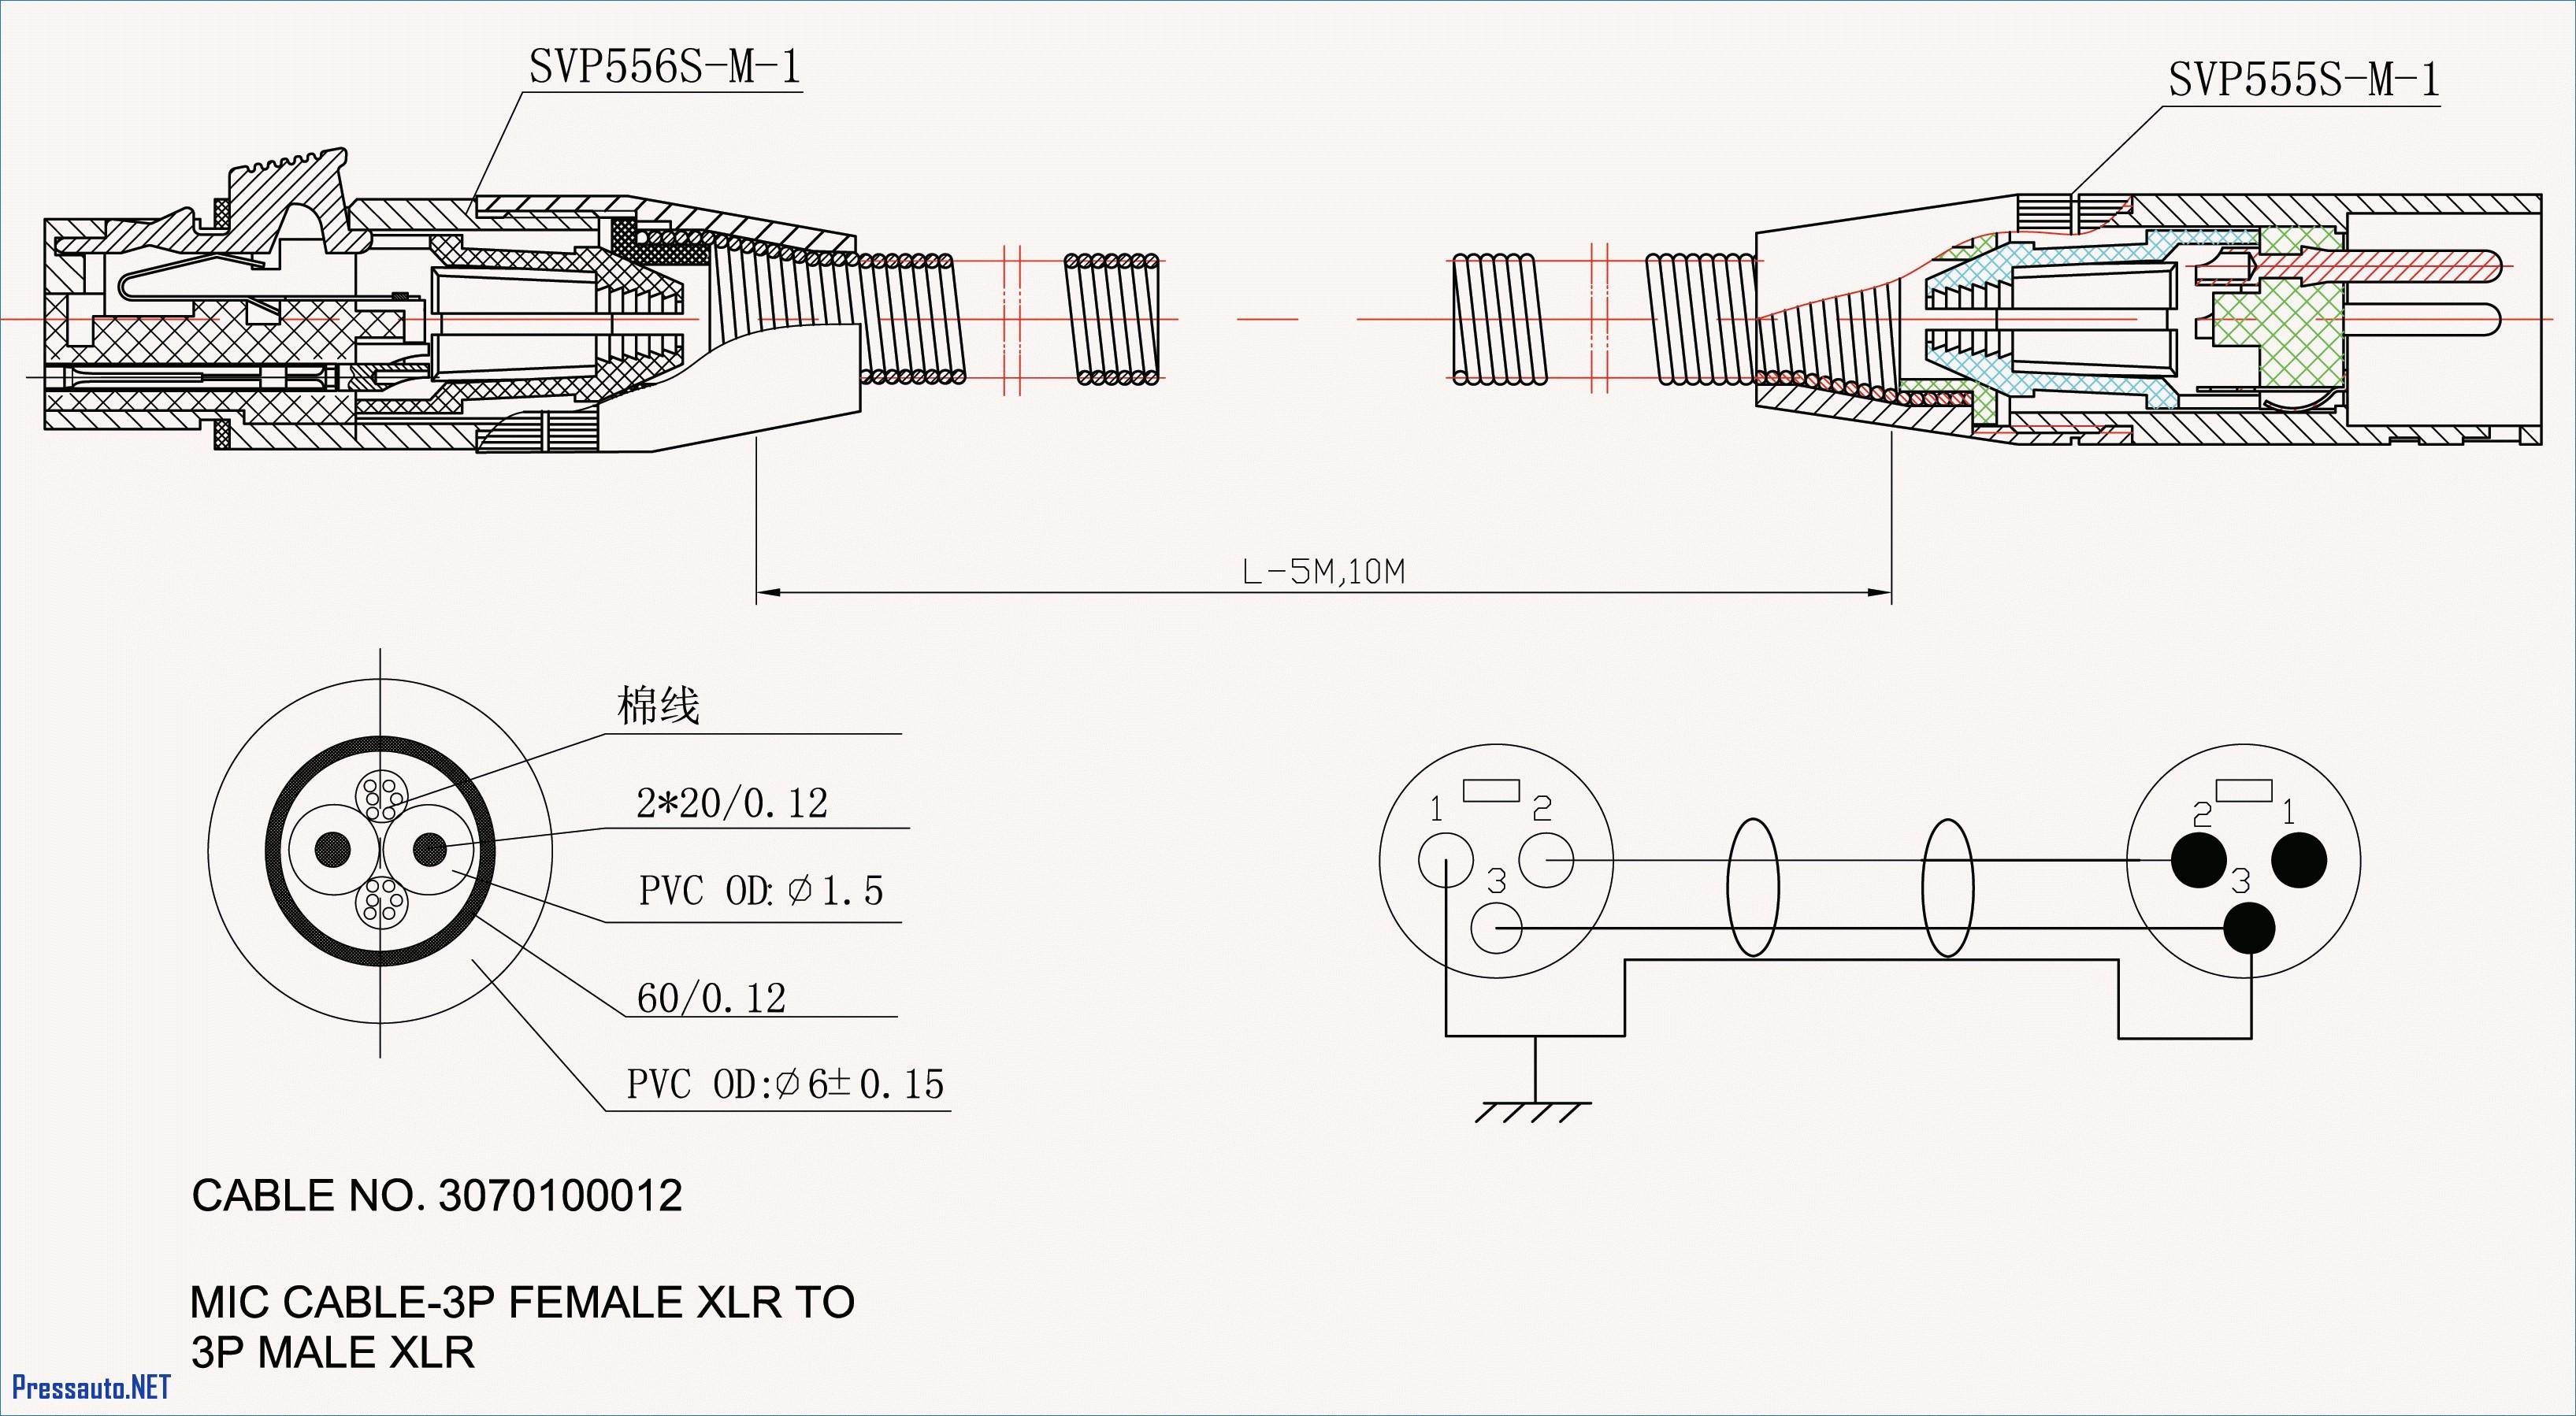 2002 Mini Cooper Engine Diagram Buick Electrical Wiring Diagrams Expert Wiring Diagrams Of 2002 Mini Cooper Engine Diagram